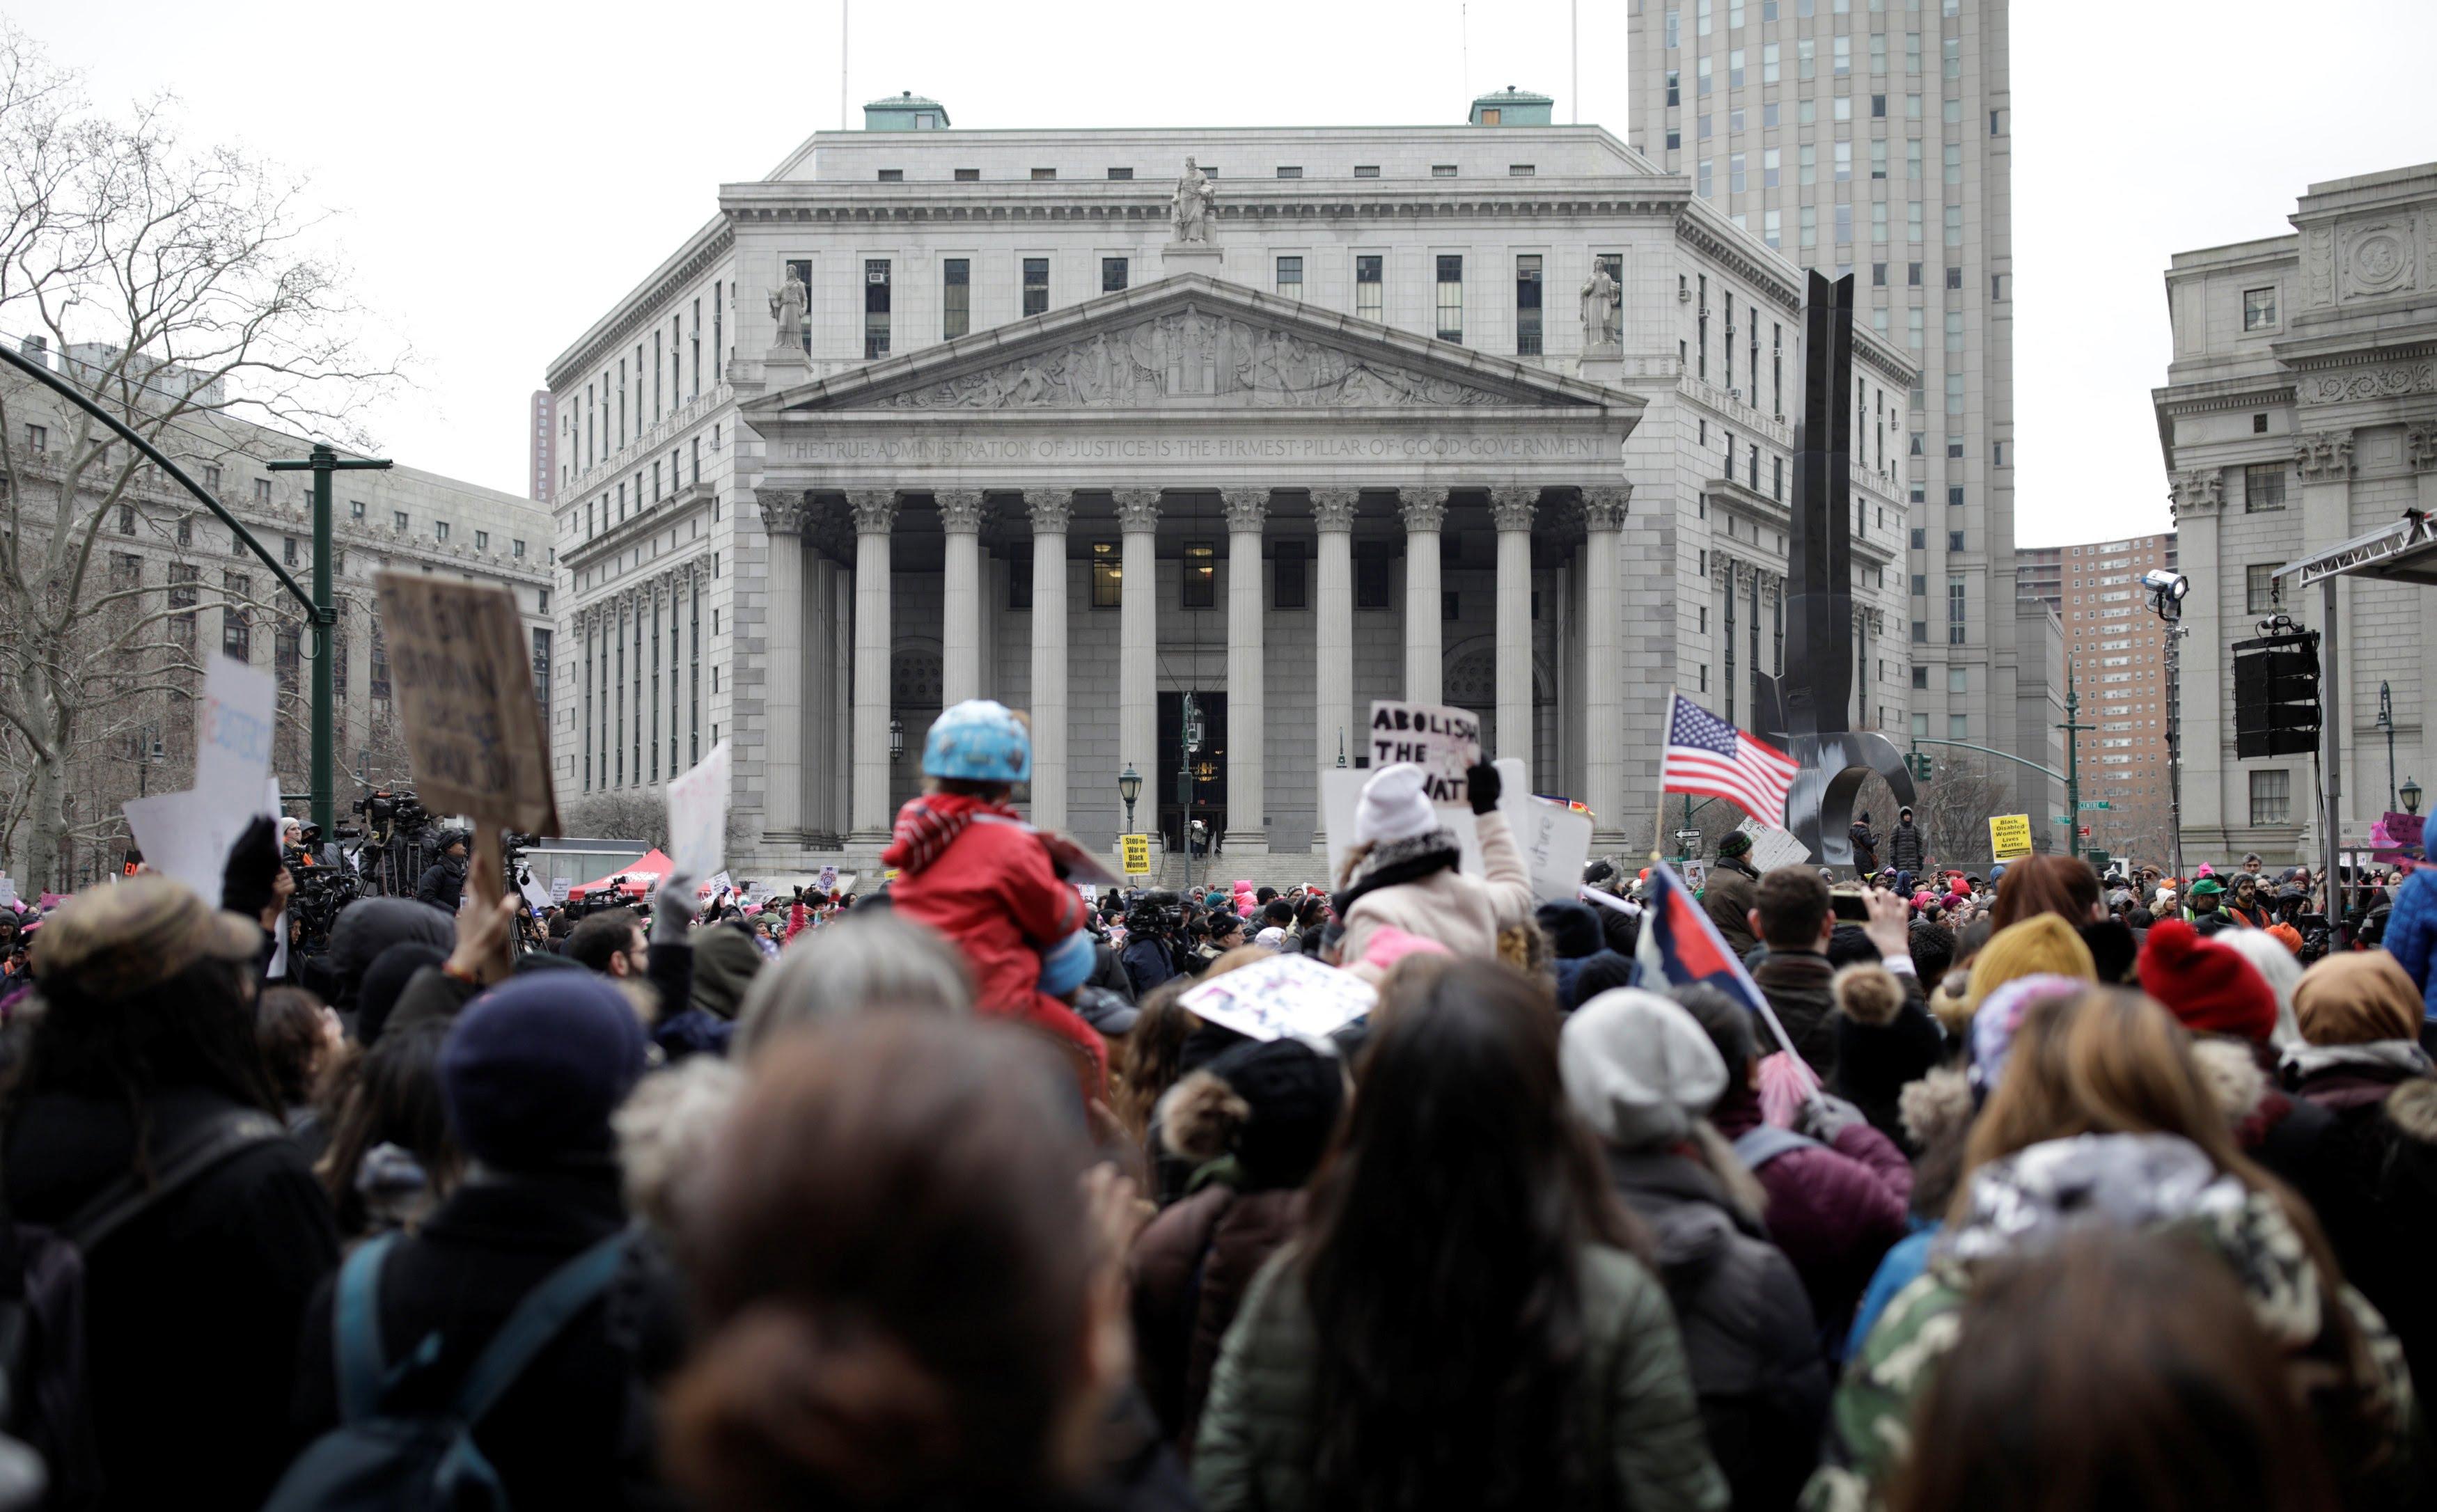 تظاهرات امریکا 10 - تصاویر/ تظاهرات صدها هزار زن امریکایی علیه ترمپ